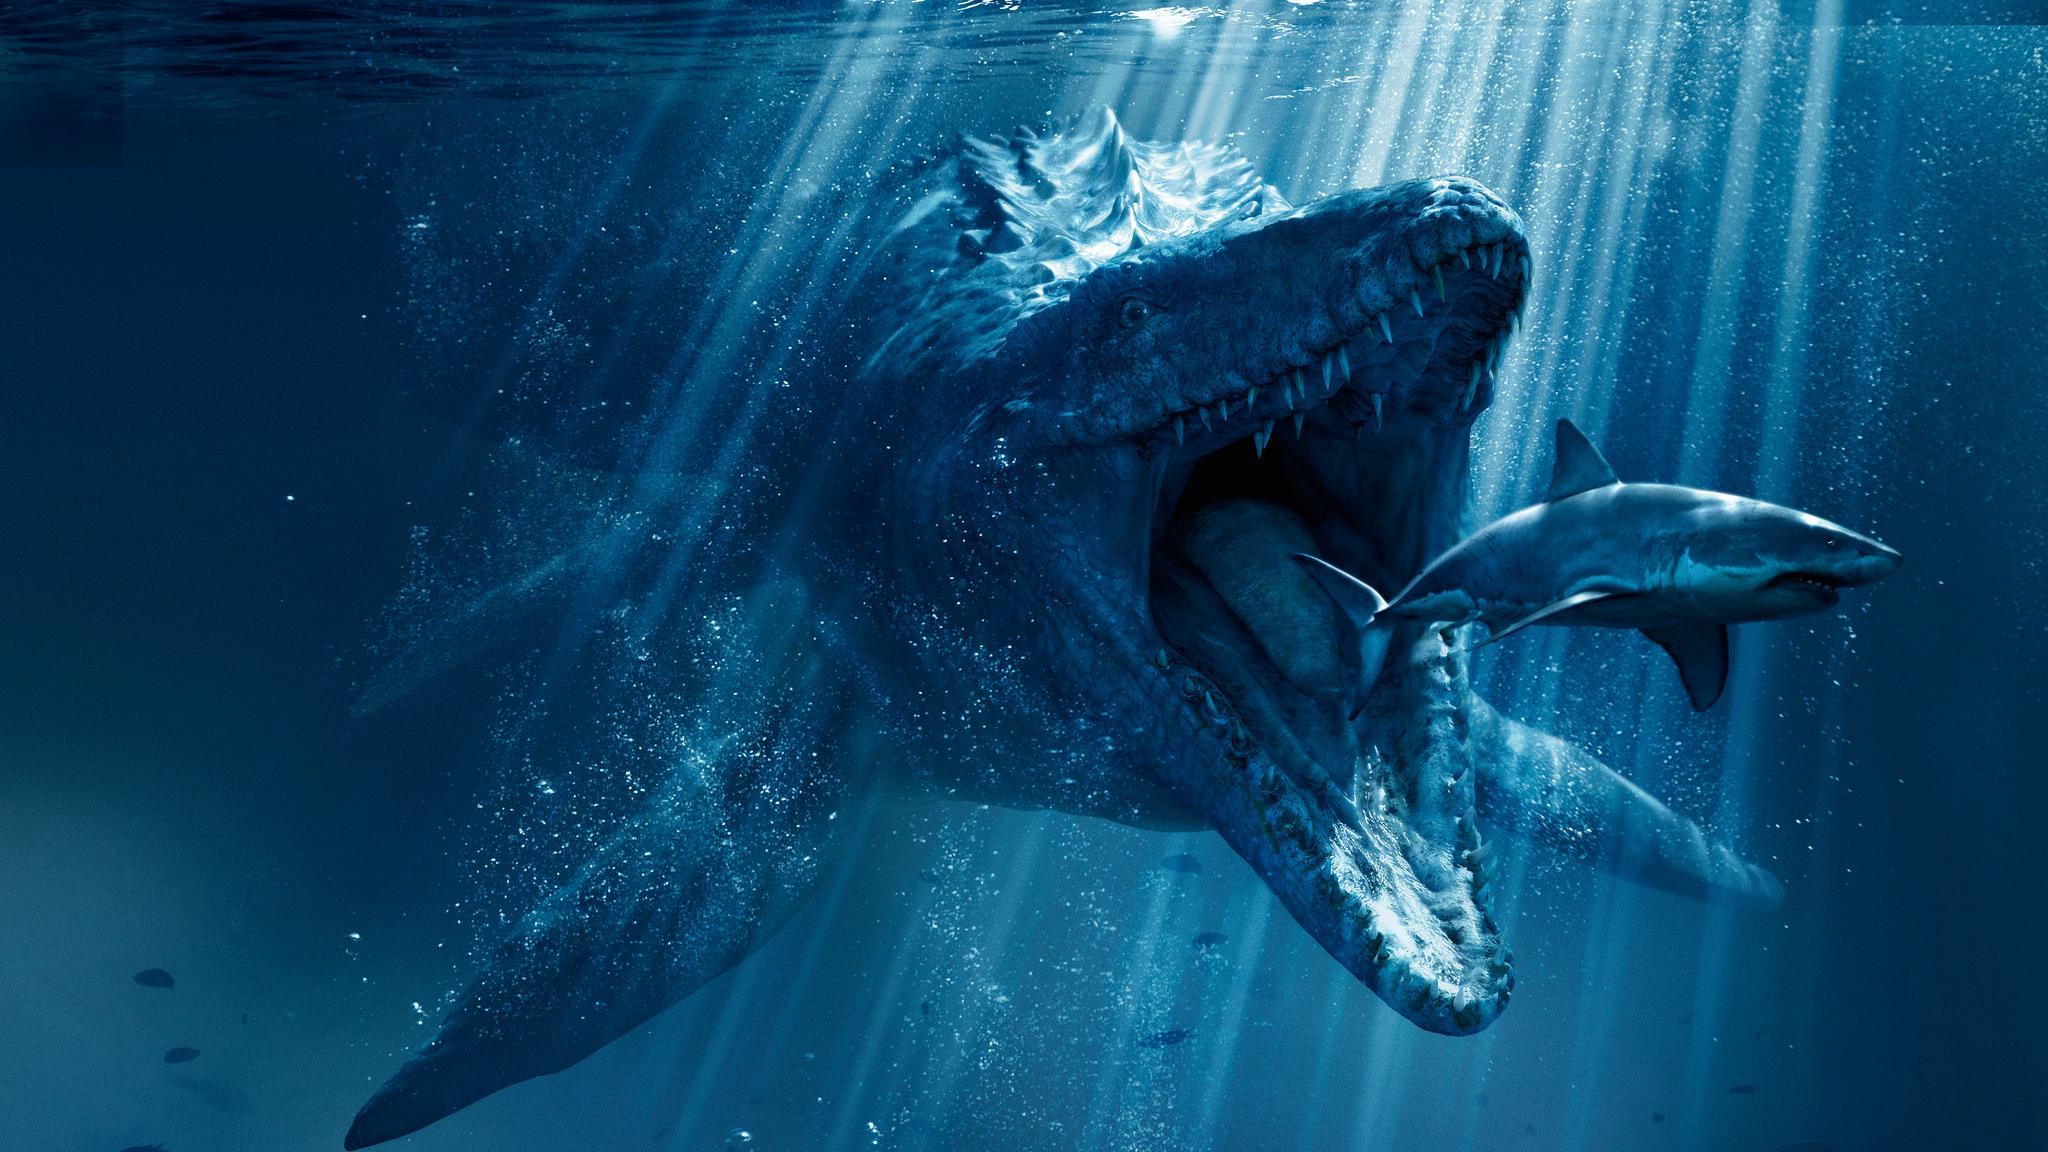 Mosasaurus Shark Snack Poster From Jurassic World 2018, Full HD 2K Wallpaper